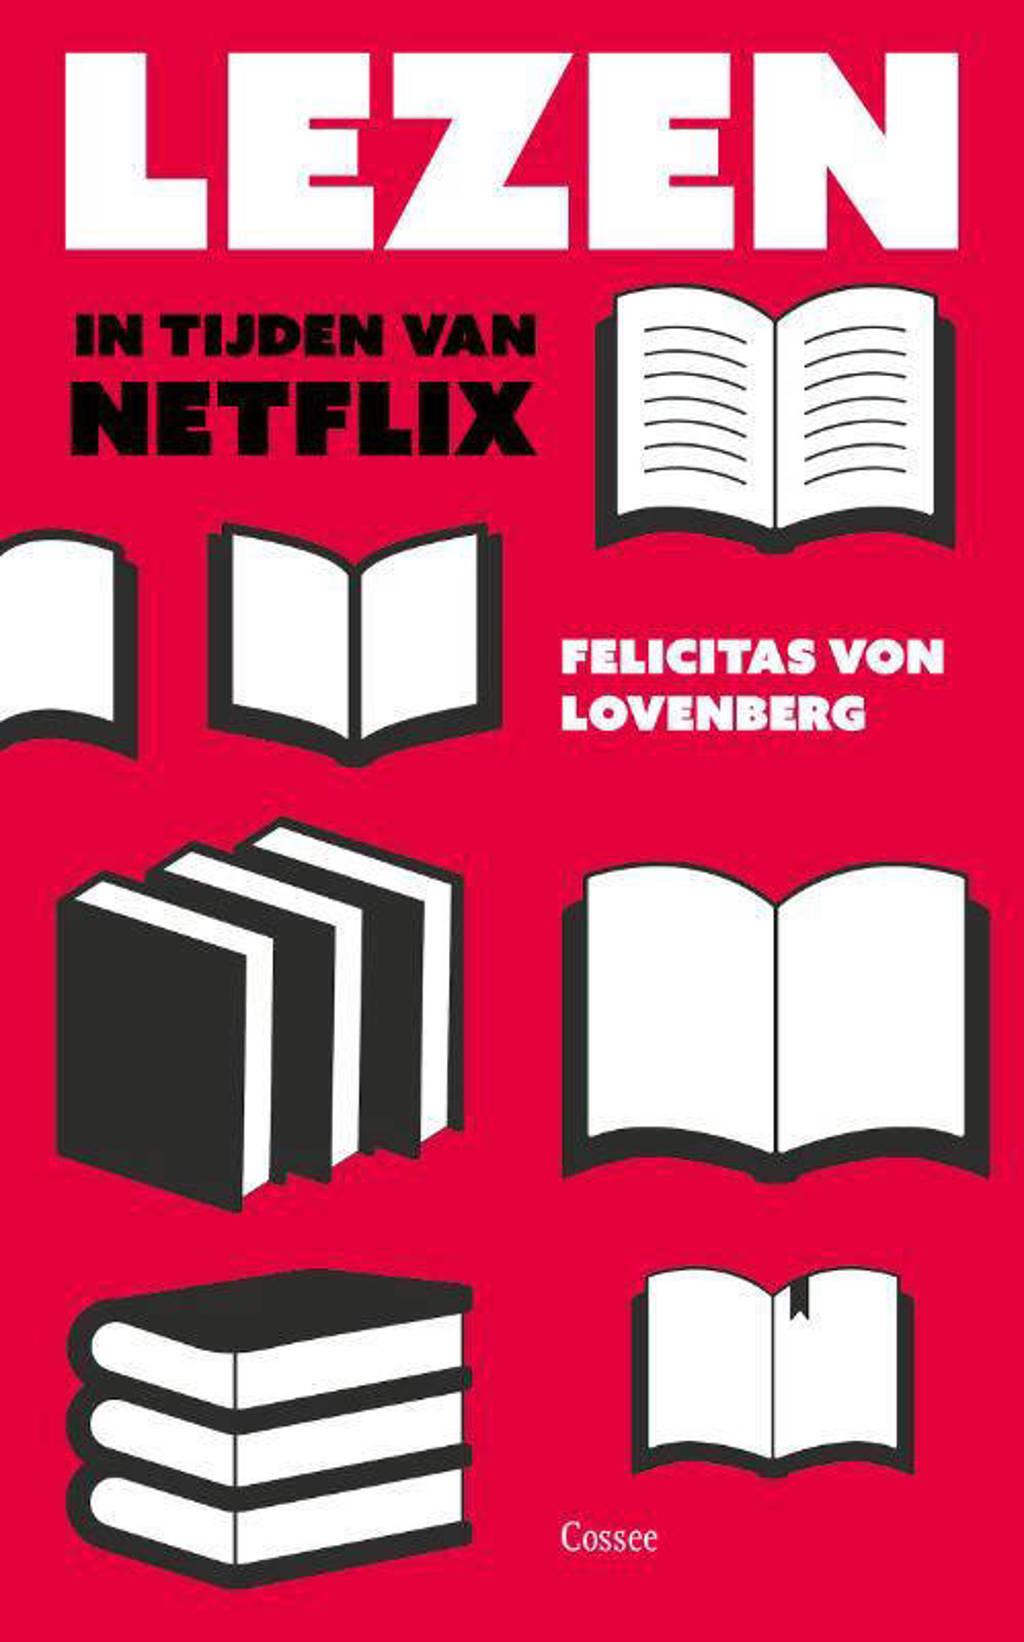 Lezen in tijden van Netflix - Felicitas von Lovenberg